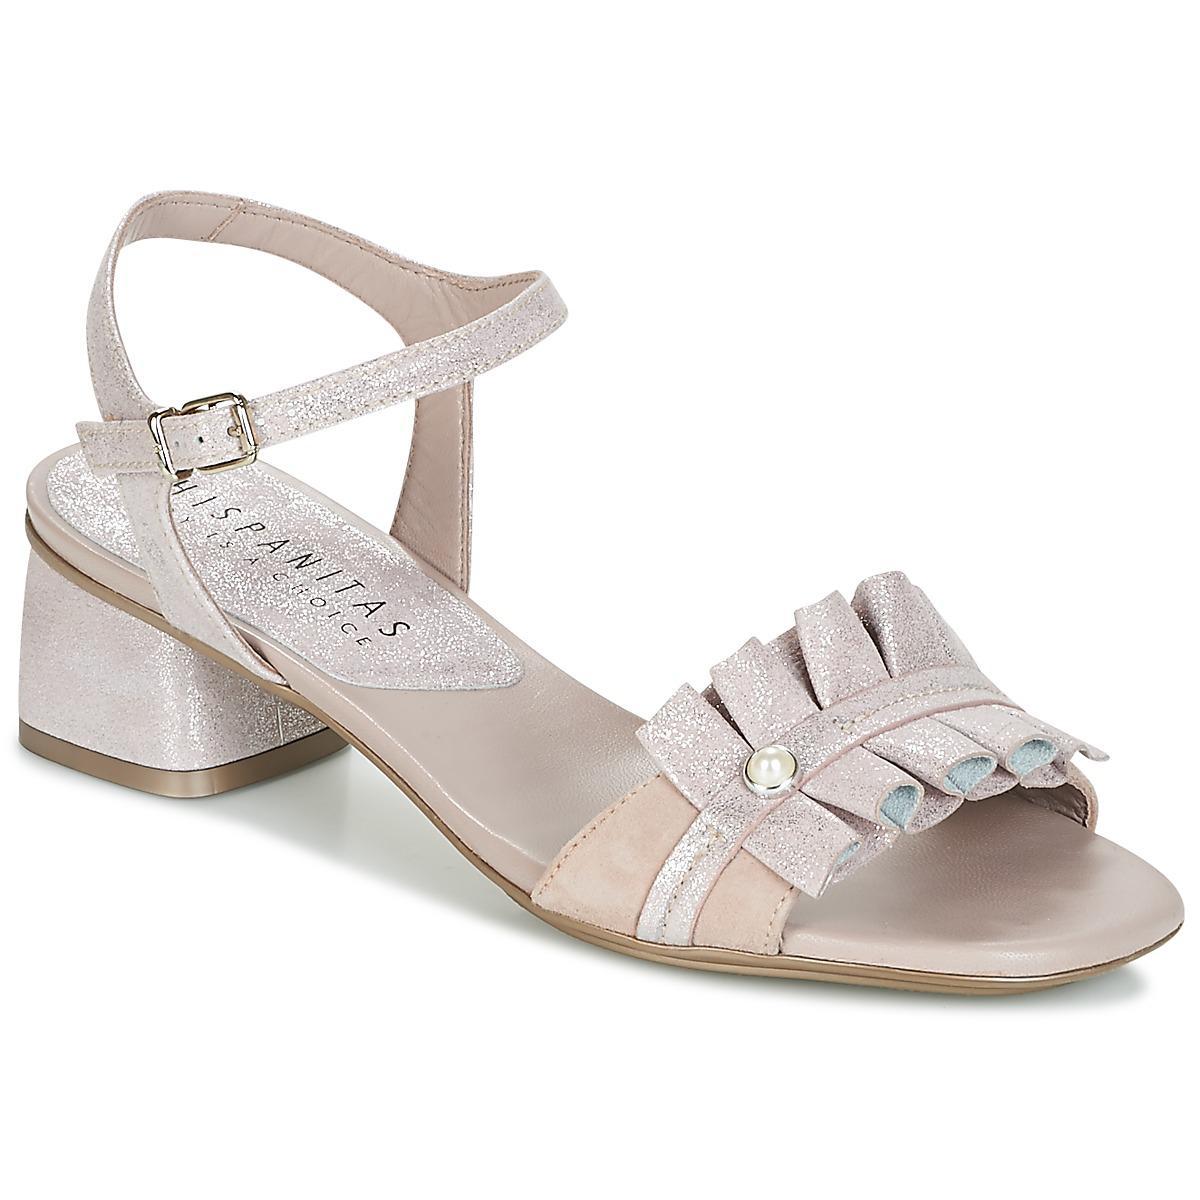 Latest Hispanitas Samoa-4 Silver Sandals for Women Sale Online